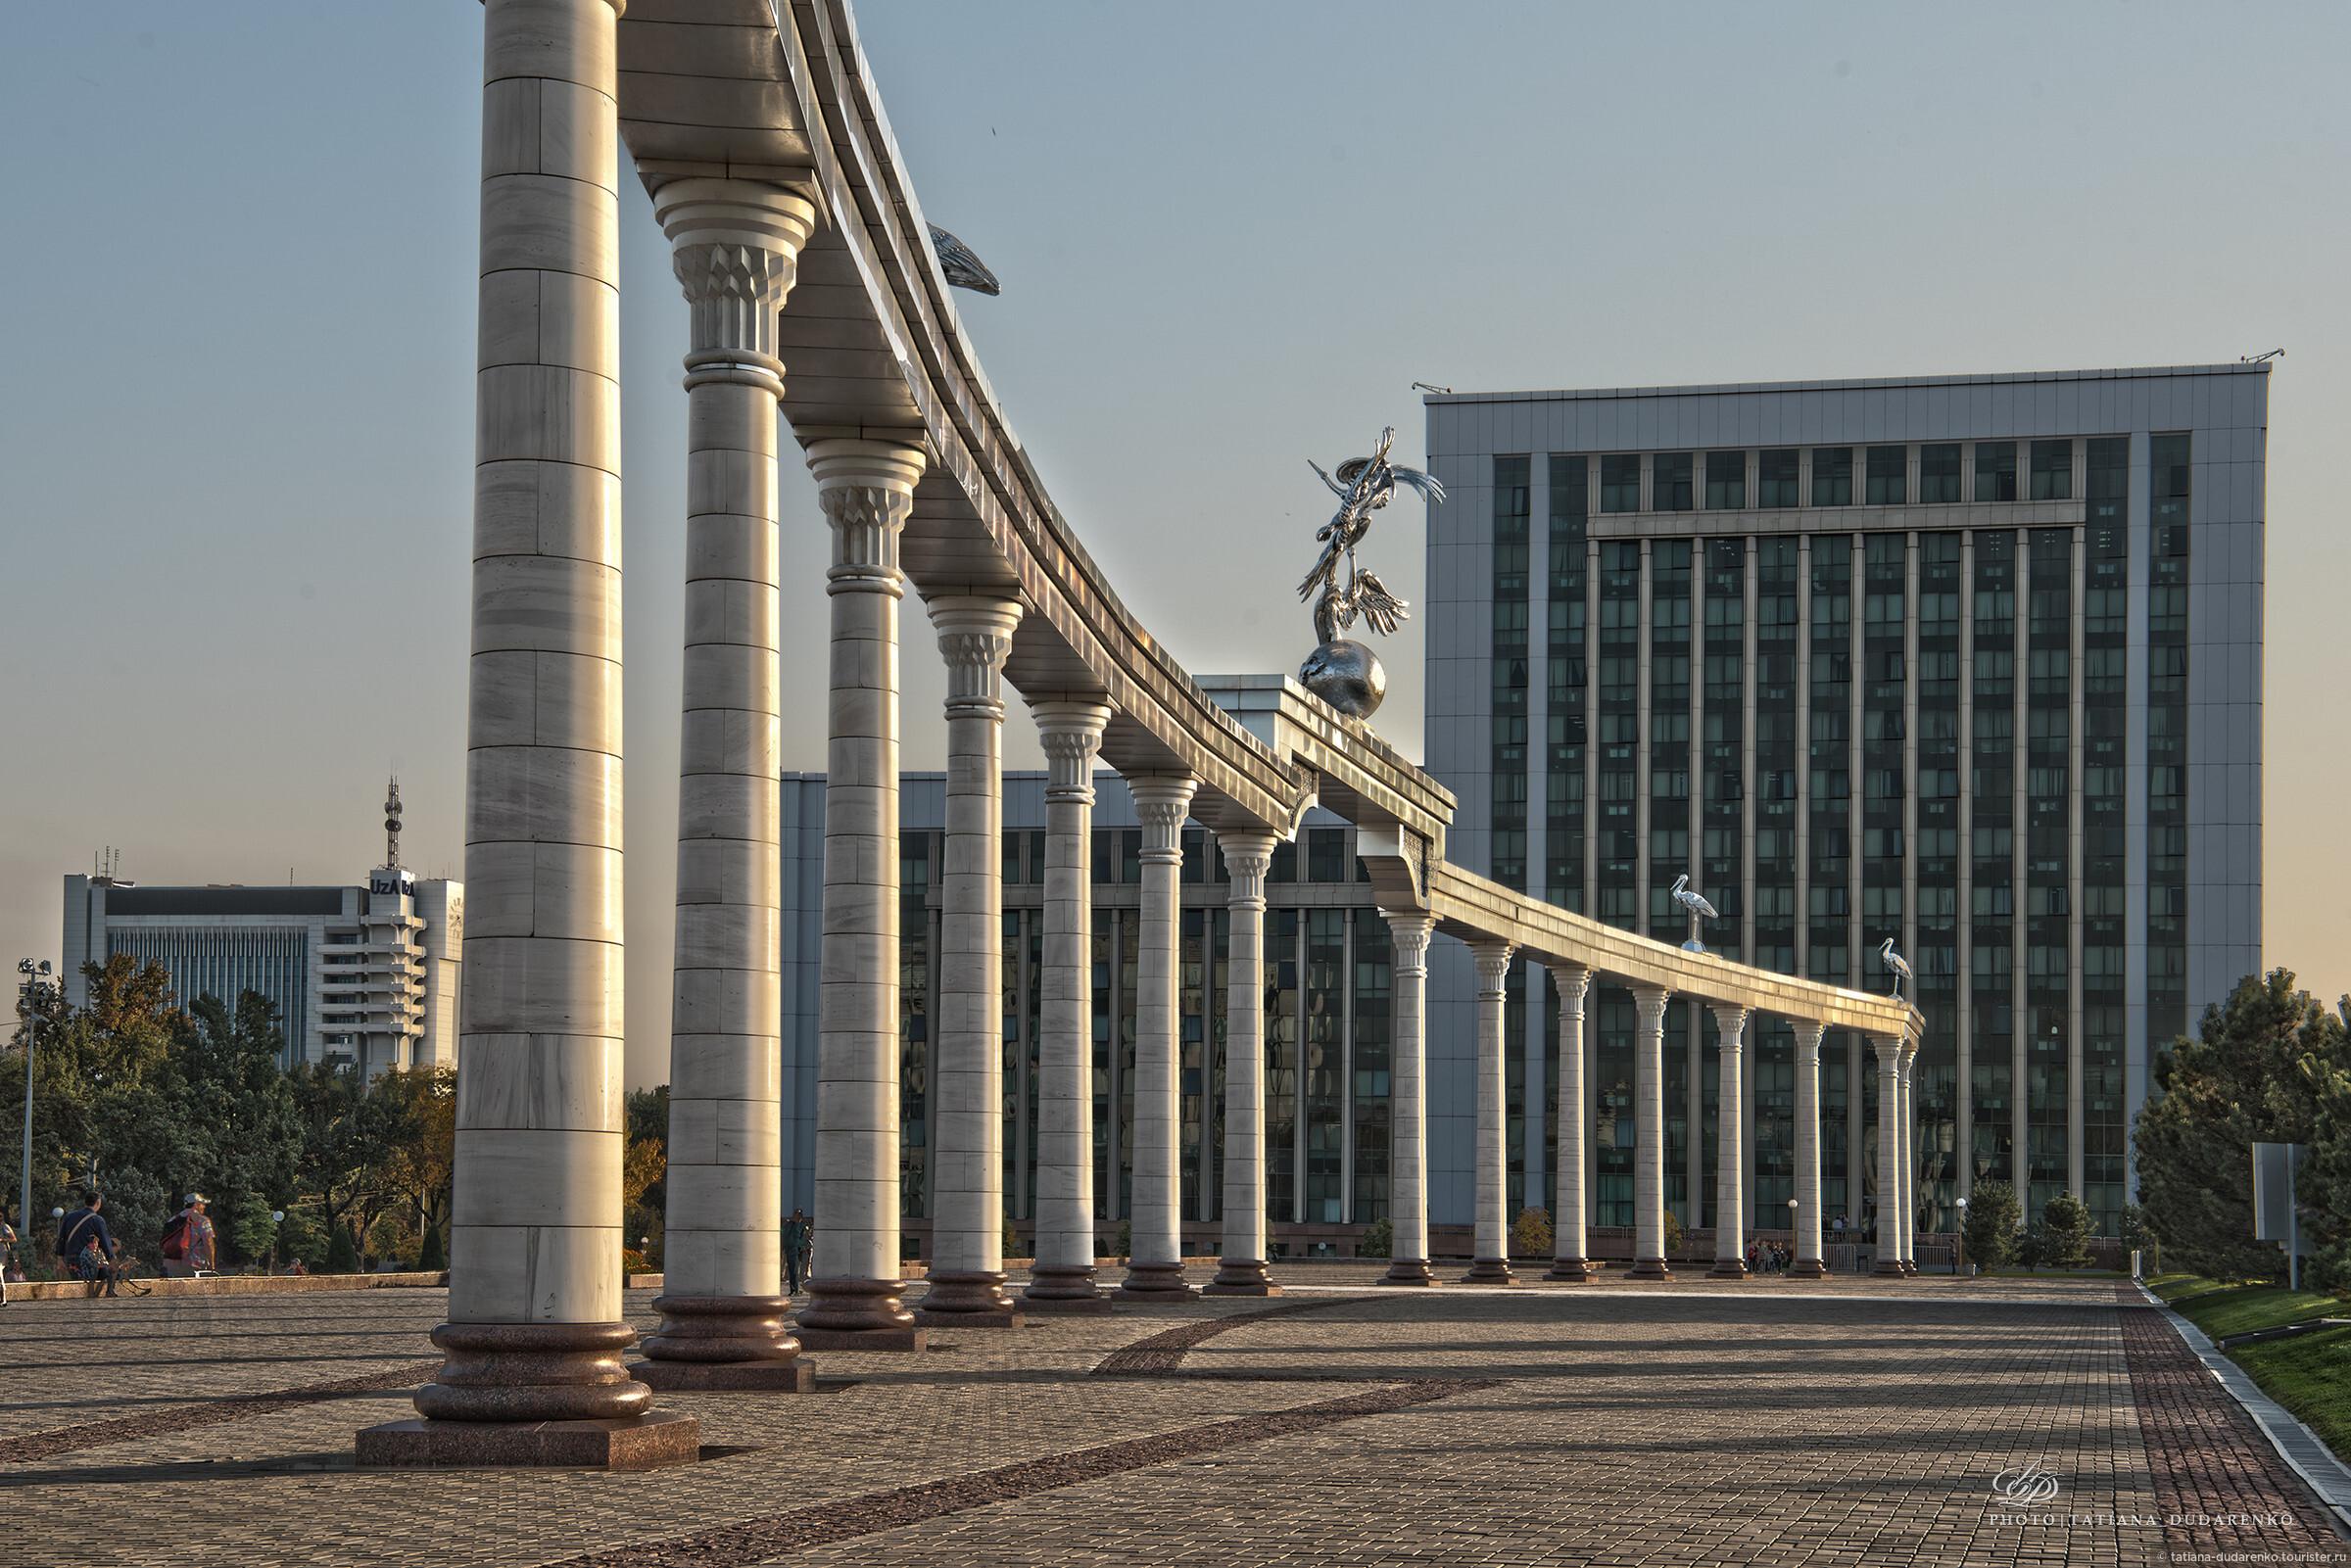 Картинки по запросу Площадь Независимости ташкент